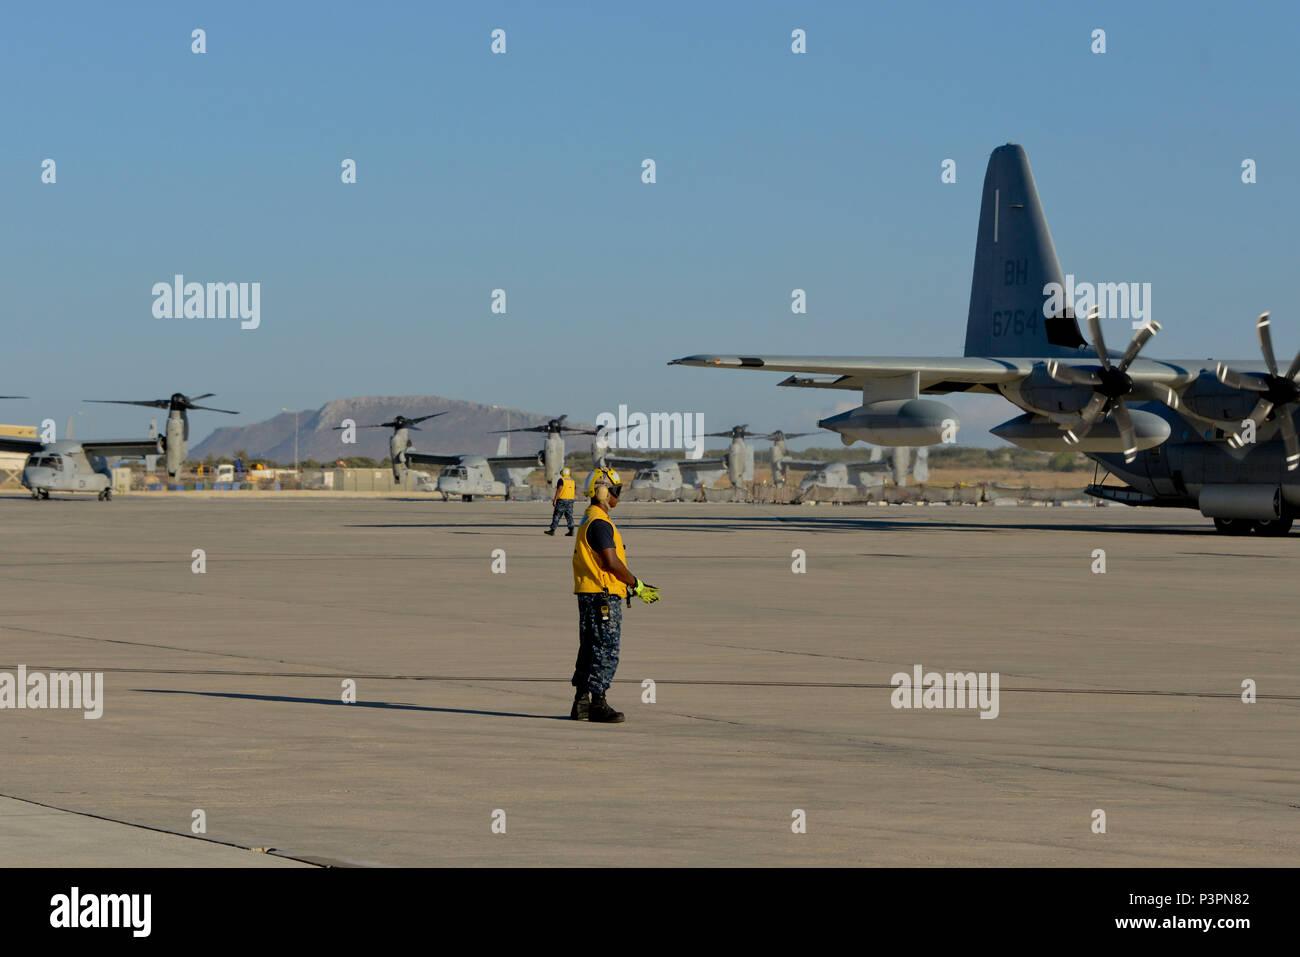 160711-N-IL474-084 La baie de Souda, la Grèce (11 juillet 2016) l'Aviation maître de Manœuvre (Équipement) 3 Classe Adrian Brown (premier plan) et l'aviation en chef Maître de Manœuvre (manutention) Anthony L. Fripp, affecté à l'activité de soutien naval américain Souda Bay Département des opérations d'Air Division de ligne directe, transitoire MV-22 Osprey suivant leur arrivée. La baie de Souda NSA permet à l'avant et la réactivité des opérations les forces à l'appui de la région de la Marine, de l'Europe, d'Afrique et d'Asie du Sud-Ouest a pour mission de fournir des services à la flotte, chasseurs, et de la famille. (U.S. Photo par Marcel Gauchet marine Heather/libérés) Photo Stock